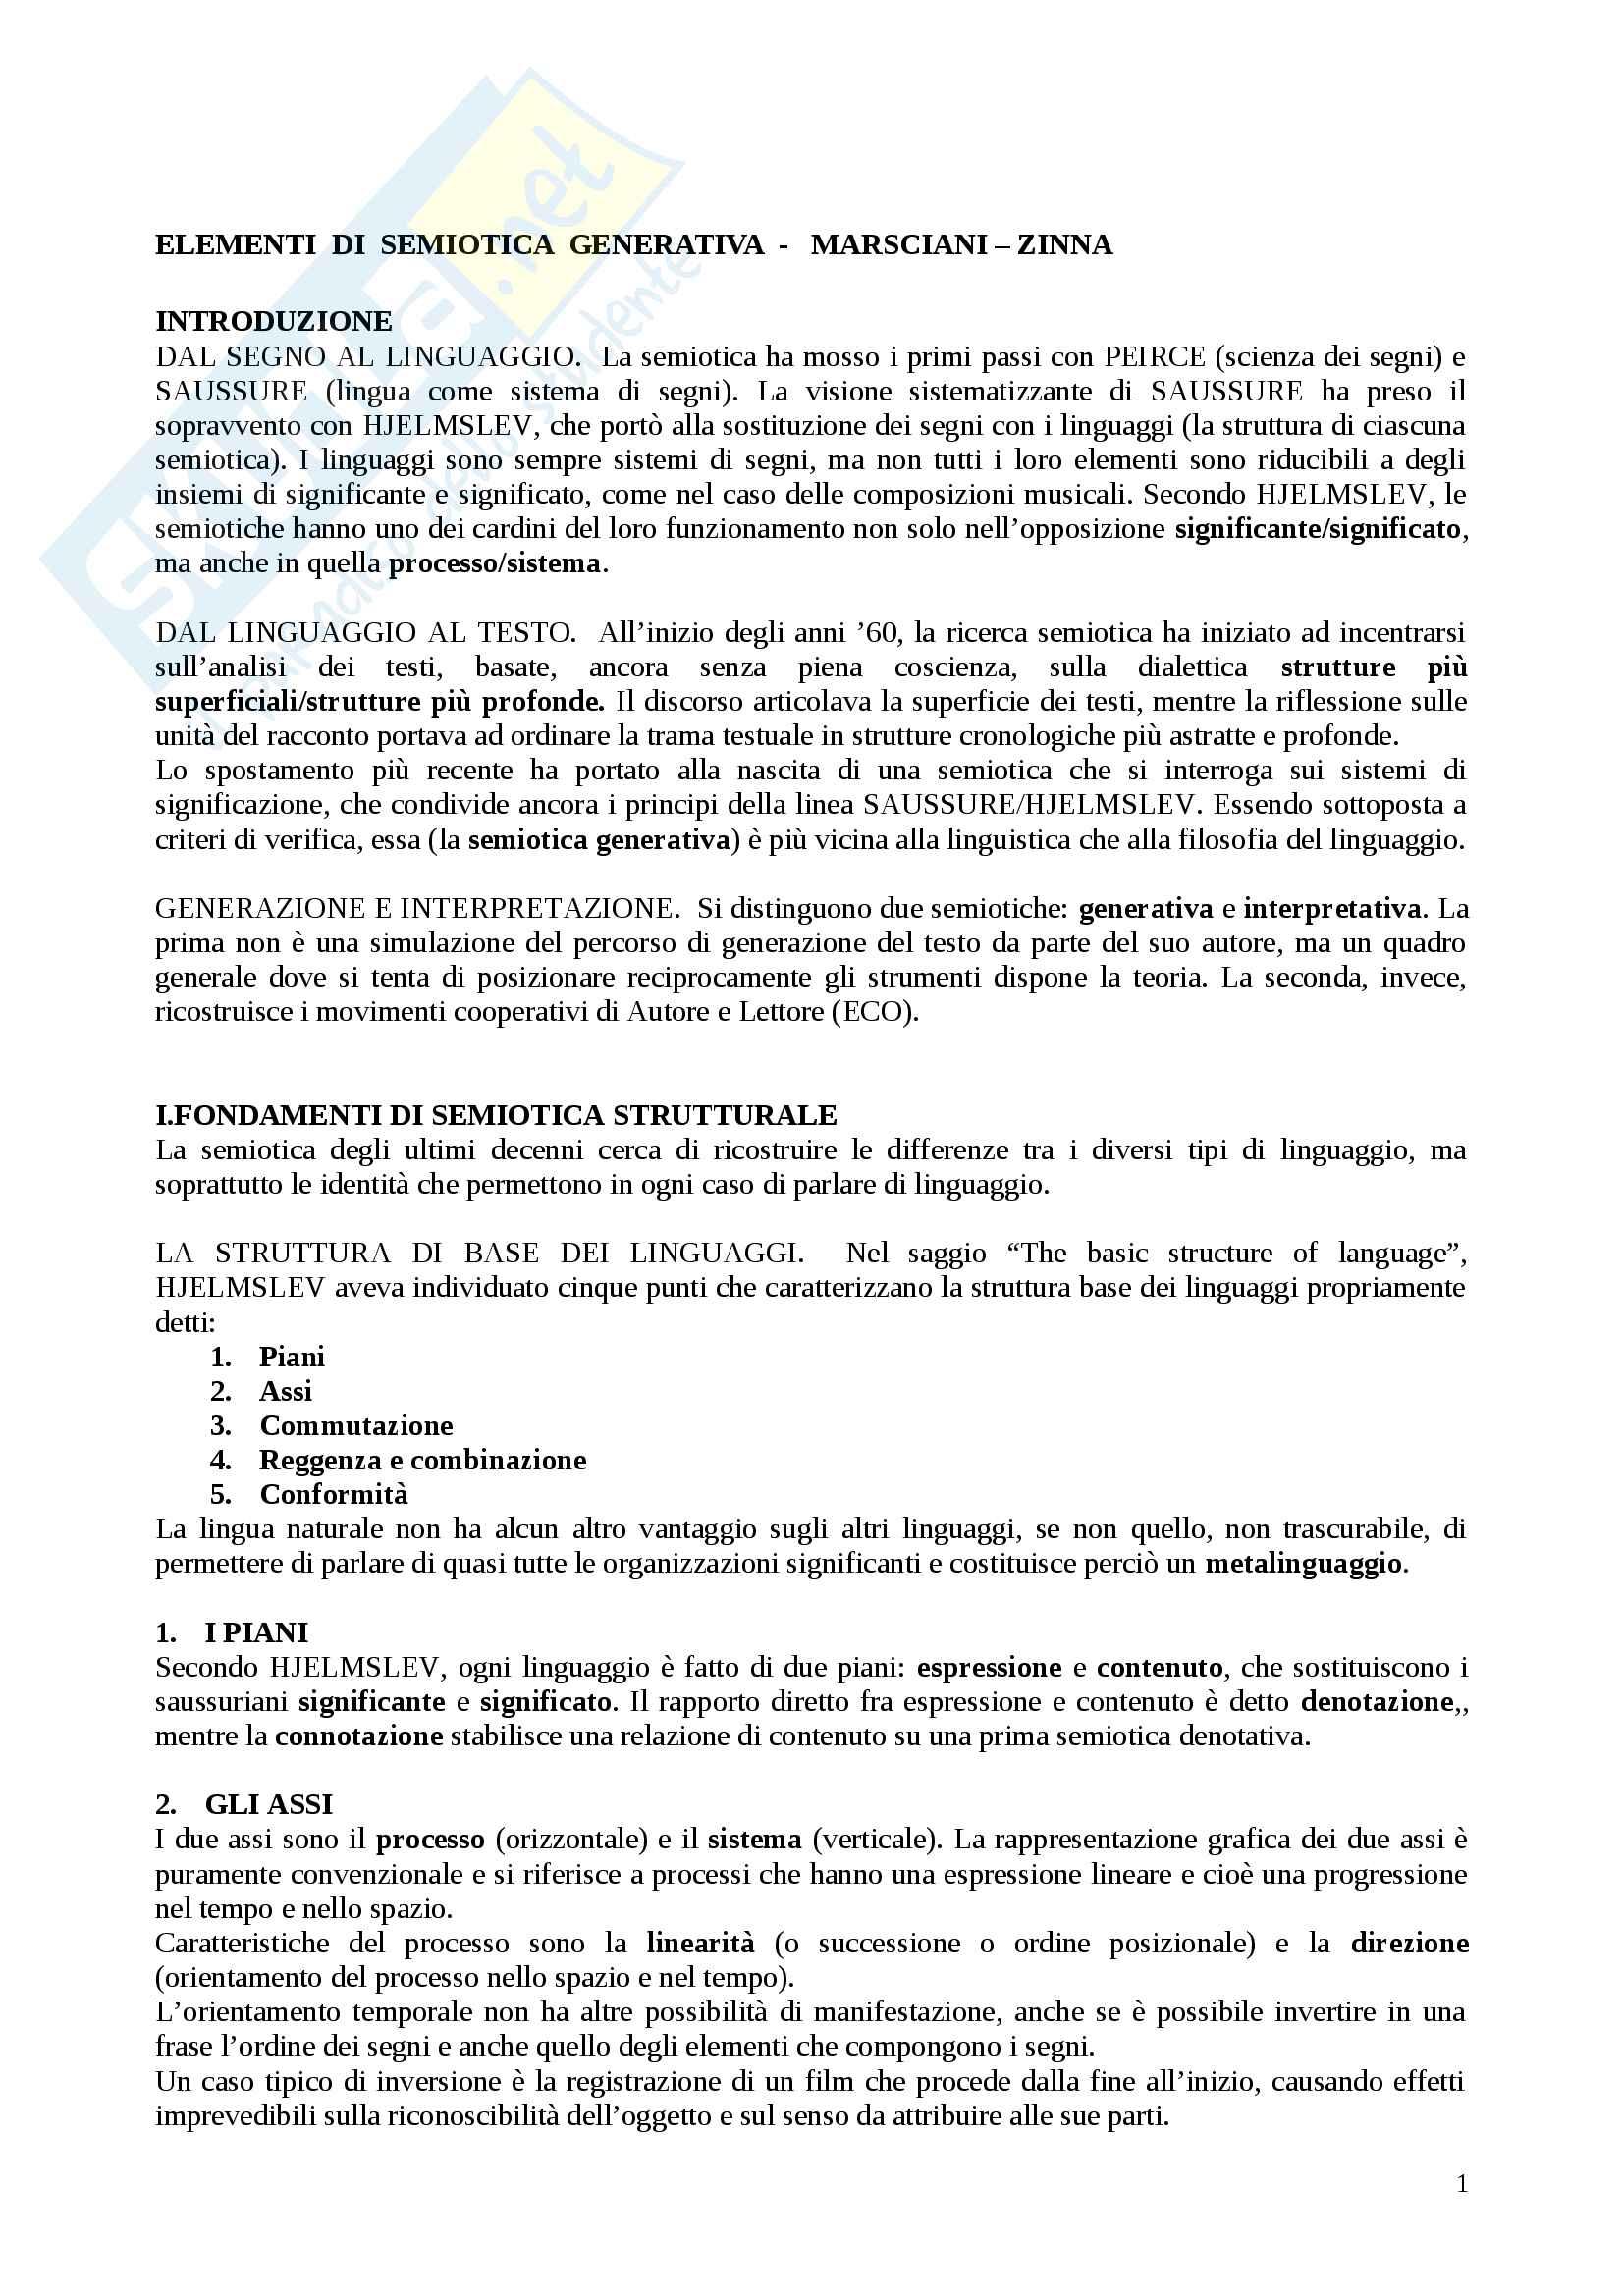 Riassunto esame Semiotica,docente Marsciani,libro consigliato Elementi Di Semiotica Generativa,Marsciani-Zinna